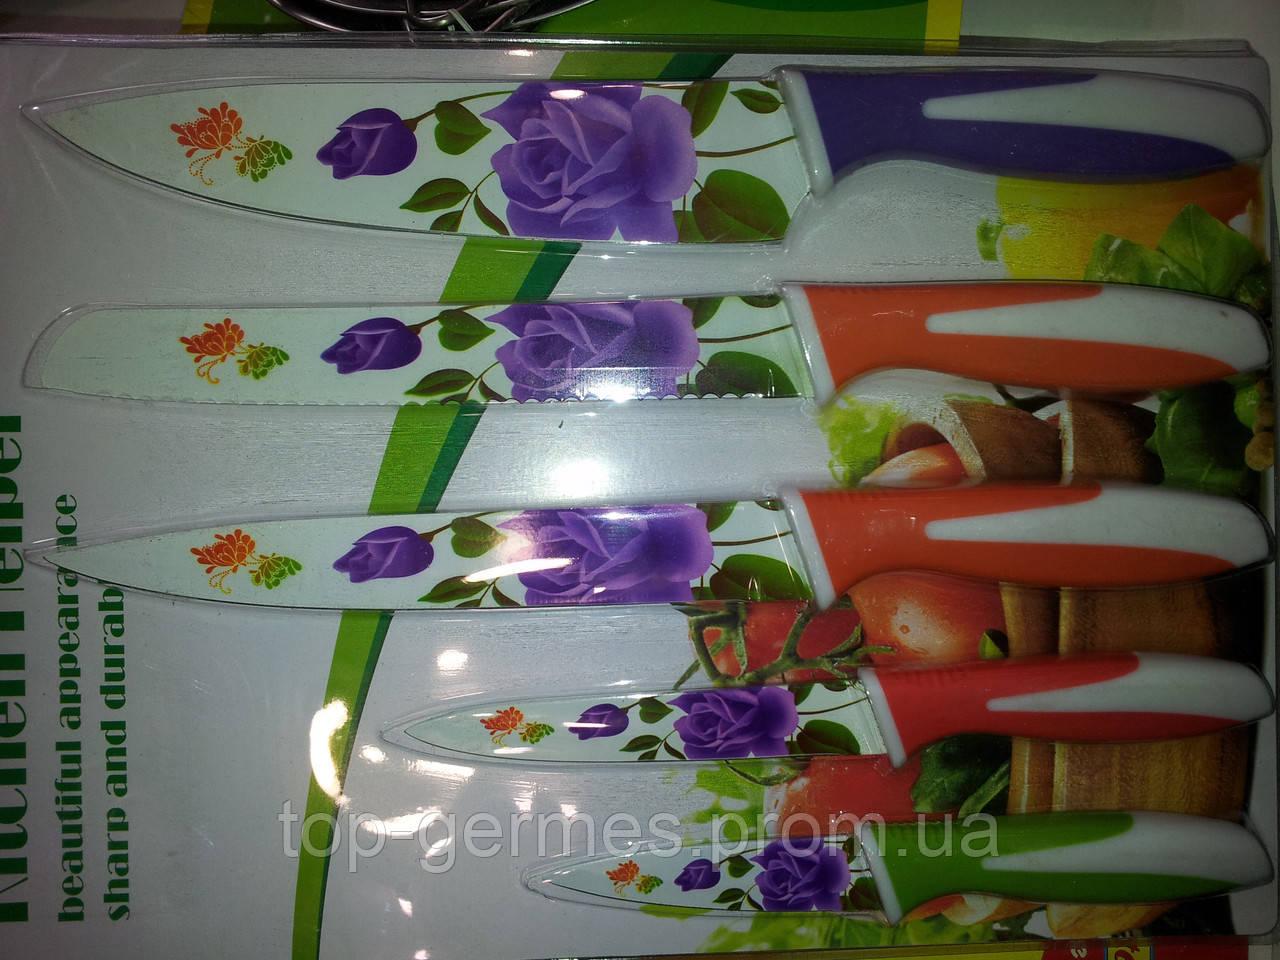 Ножи с керамическим покрытием 5шт